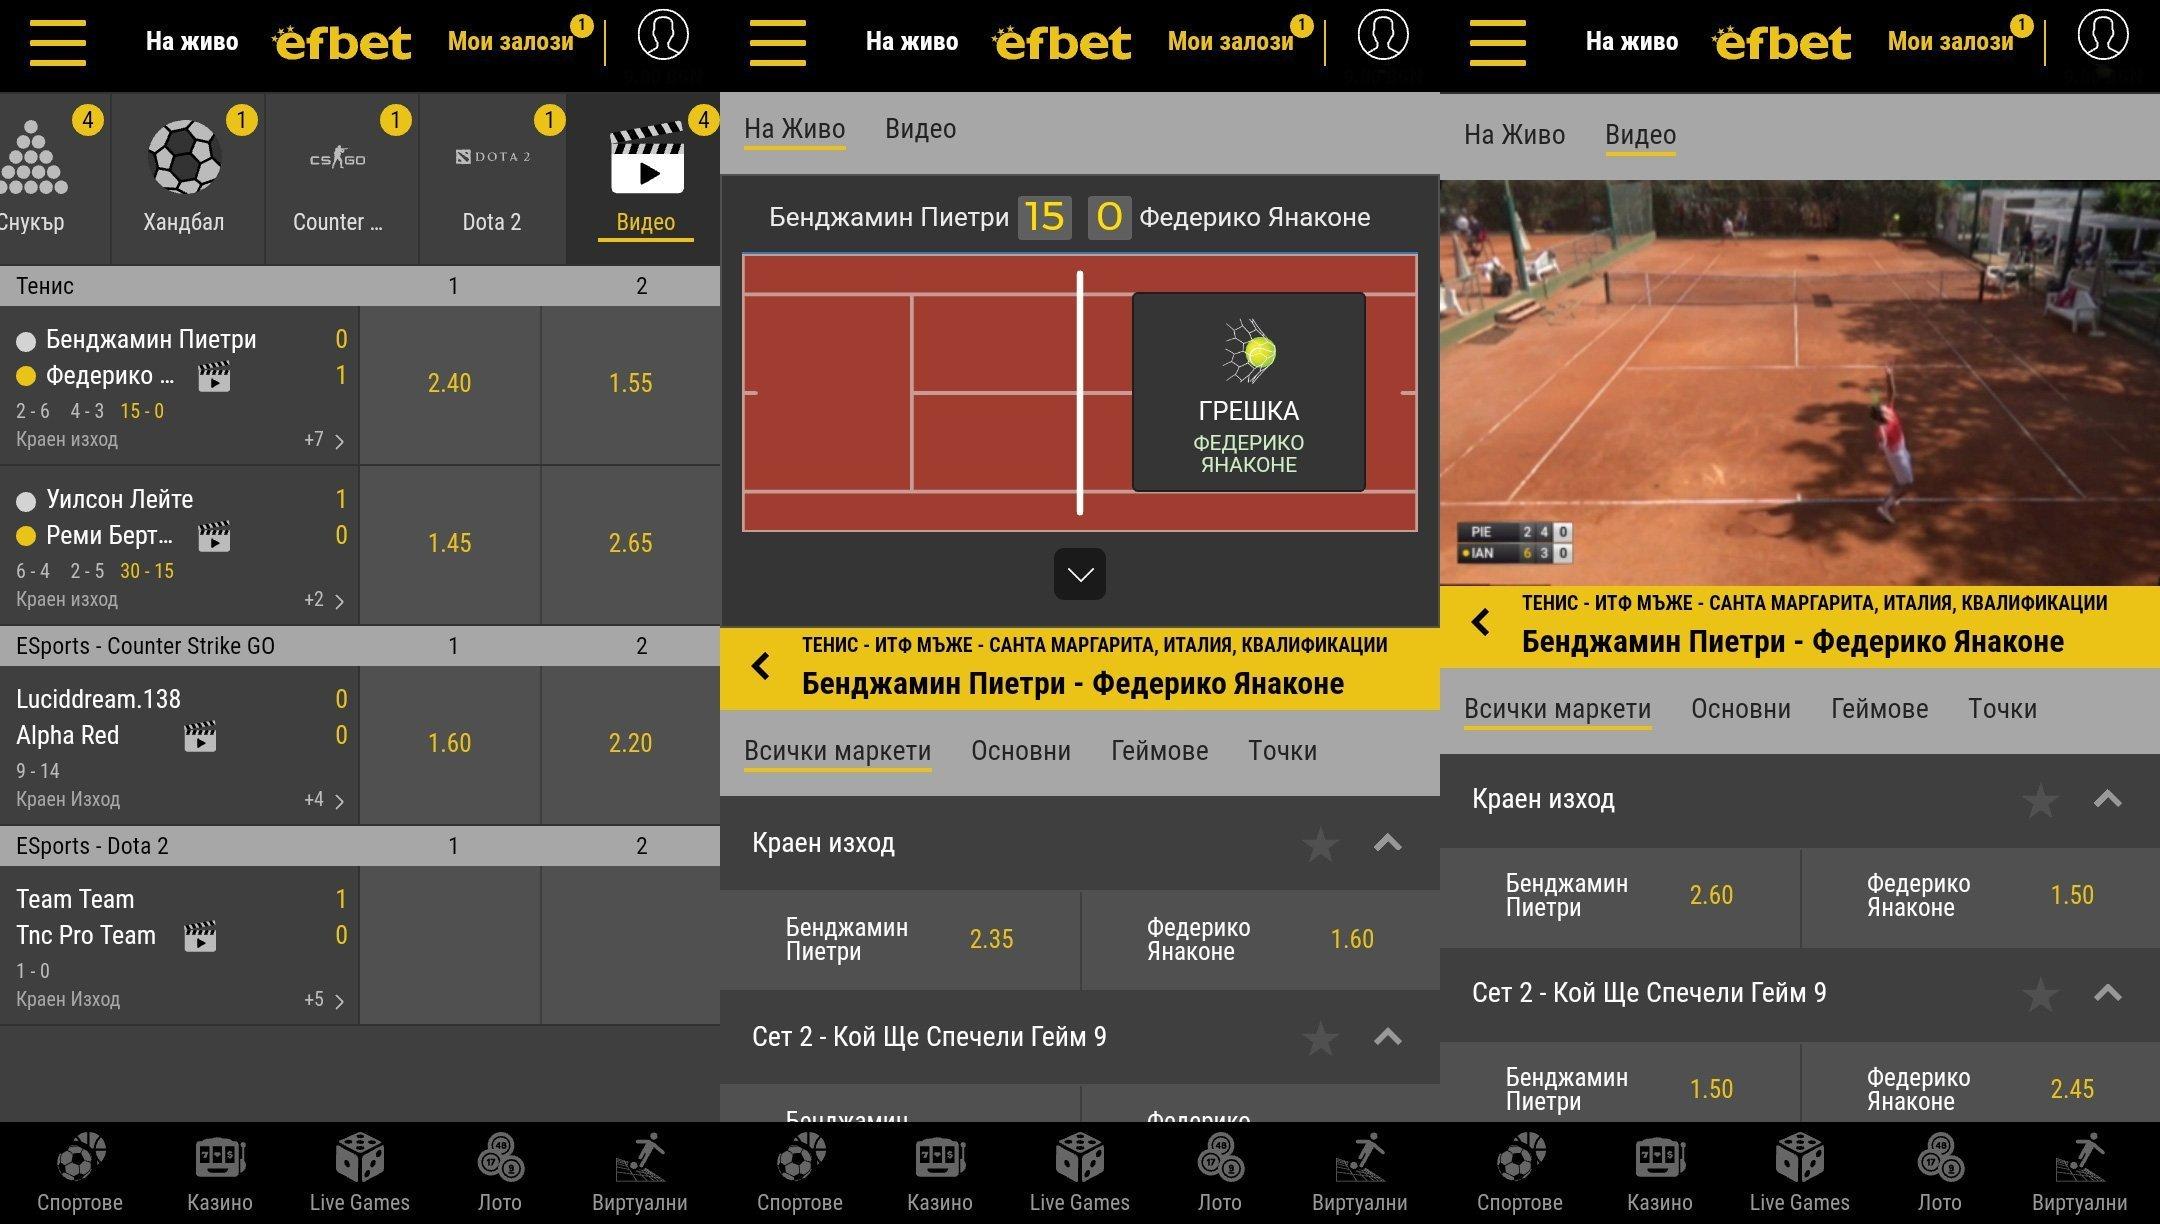 Efbet - гледане на мачове през мобилното приложение